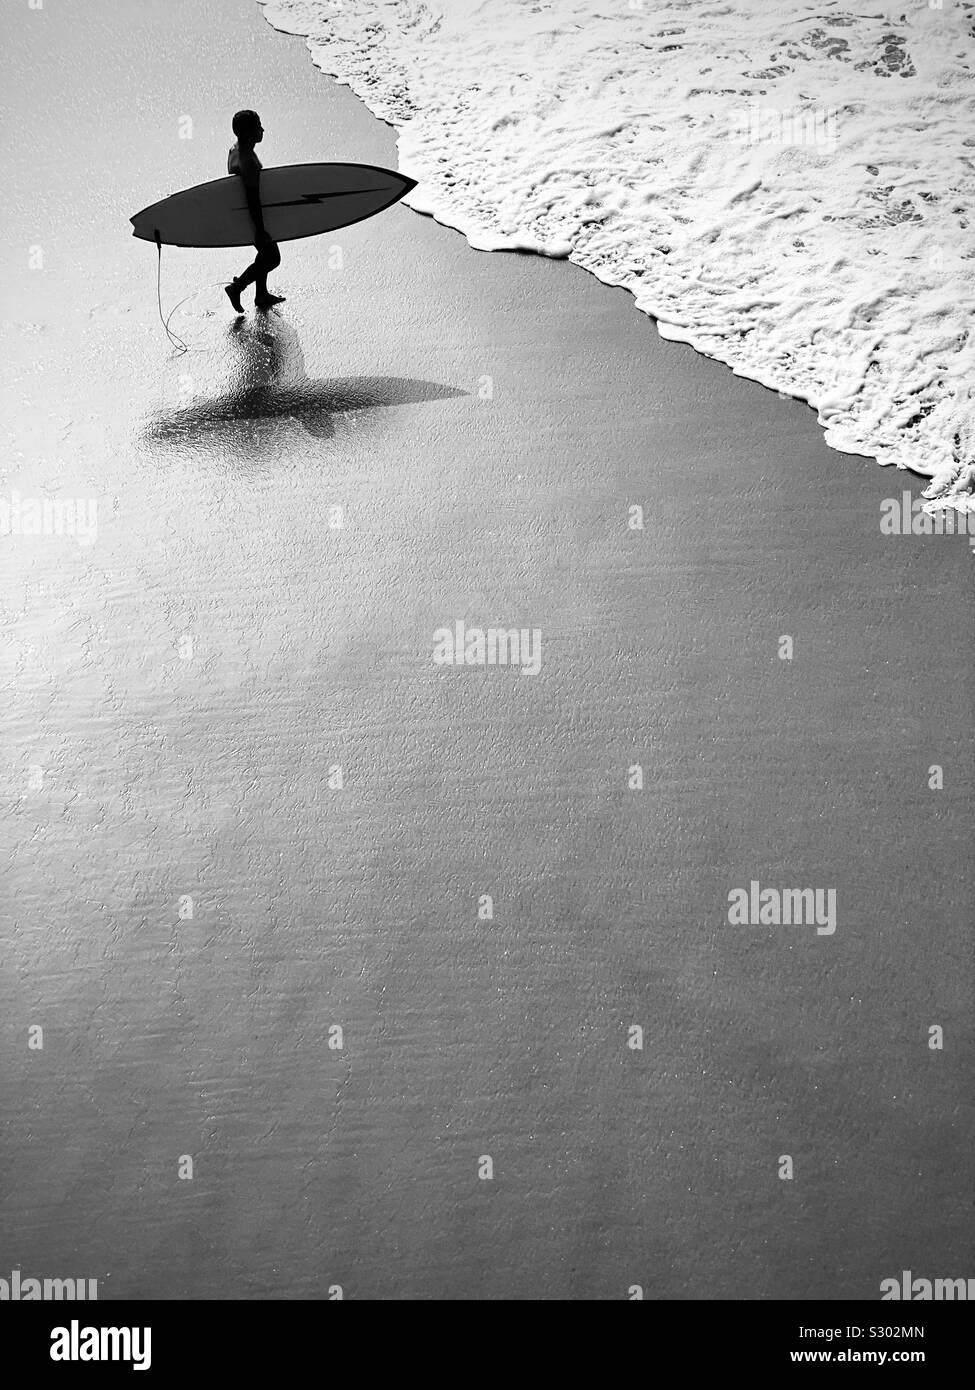 Männliche Surfer Spaziergänge in die Brandung. Manhattan Beach, Kalifornien, USA. Stockfoto